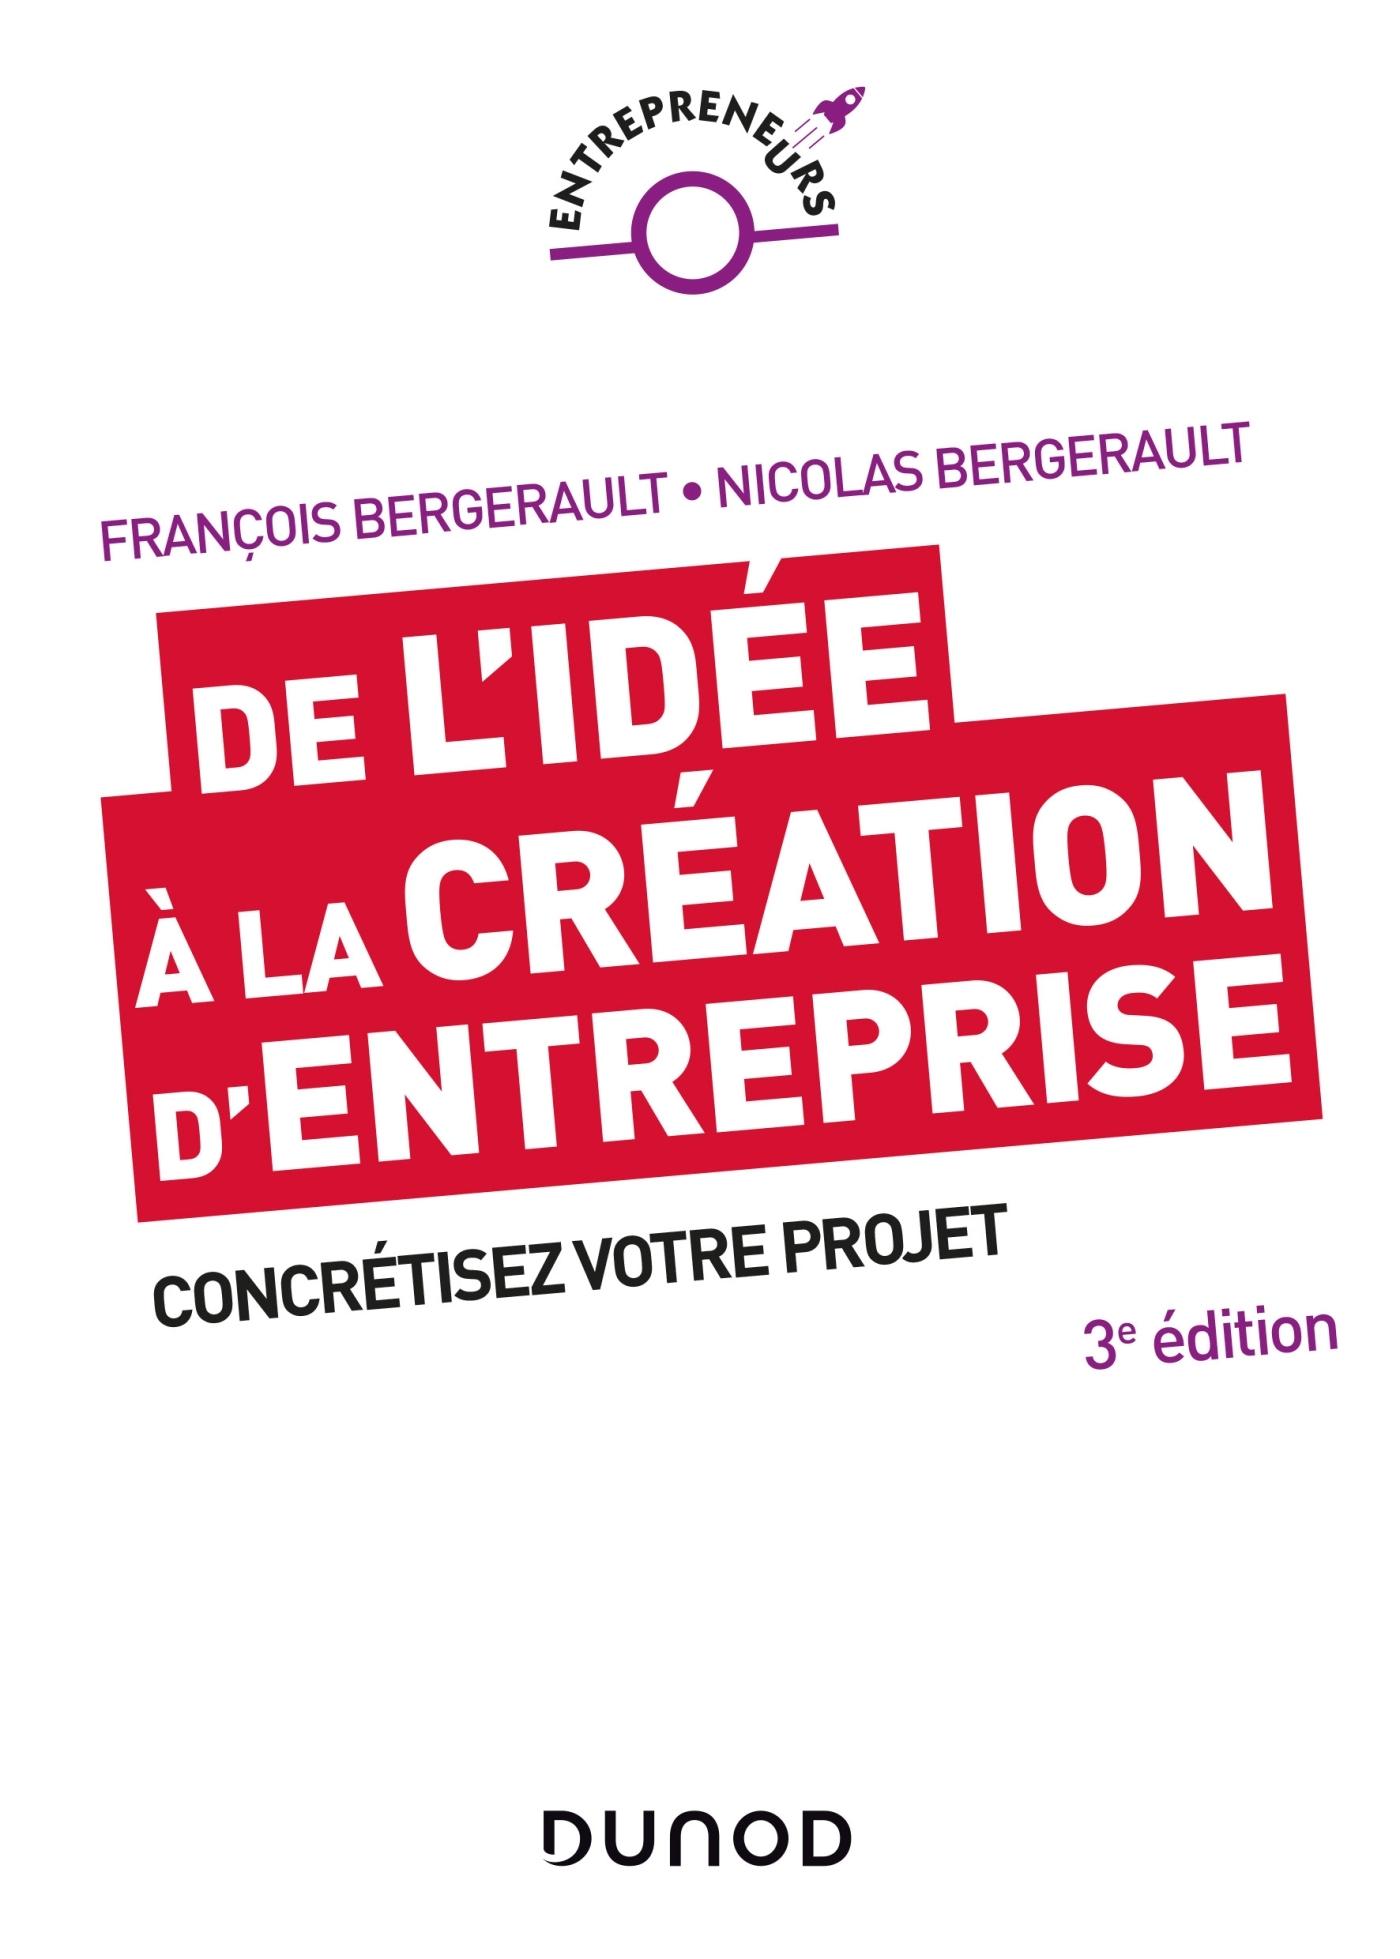 DE L'IDEE A LA CREATION D'ENTREPRISE - 3E ED. - CONCRETISEZ VOTRE PROJET